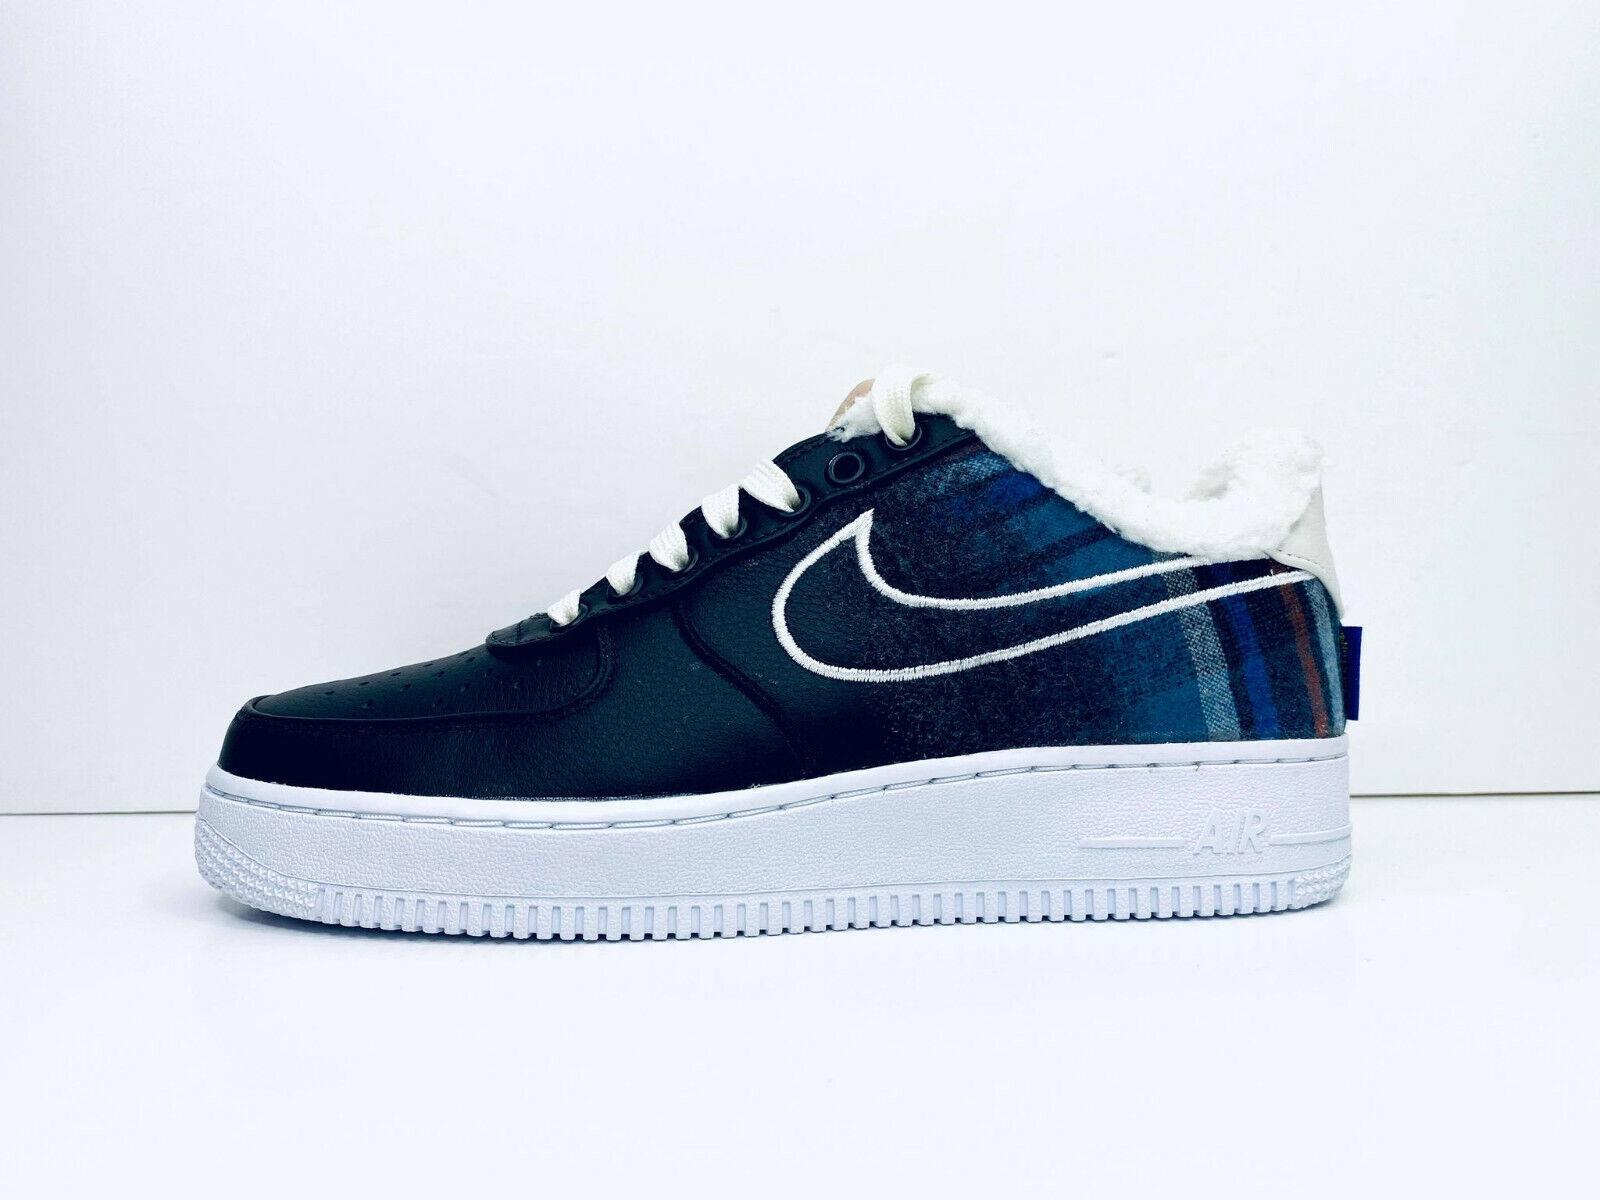 Nike Air Force 1 AF1 Low Pendleton By You Nike ID UK 7 EUR 41 US 8 CK5075 991